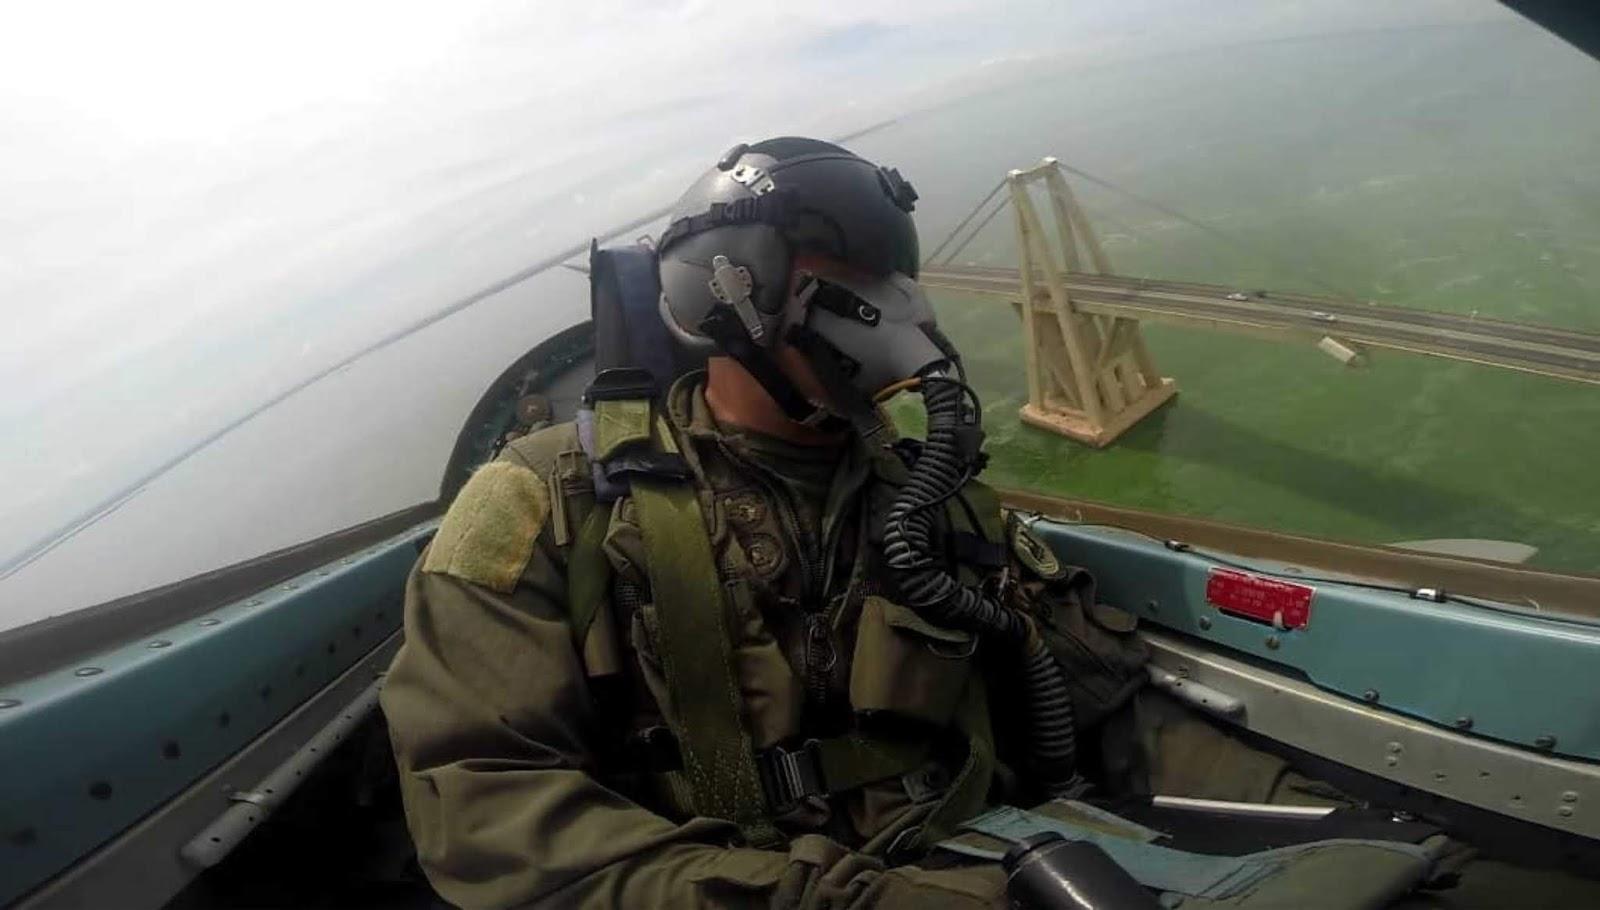 Venezuela akan mengadakan latihan militer untuk melindungi fasilitas strategis